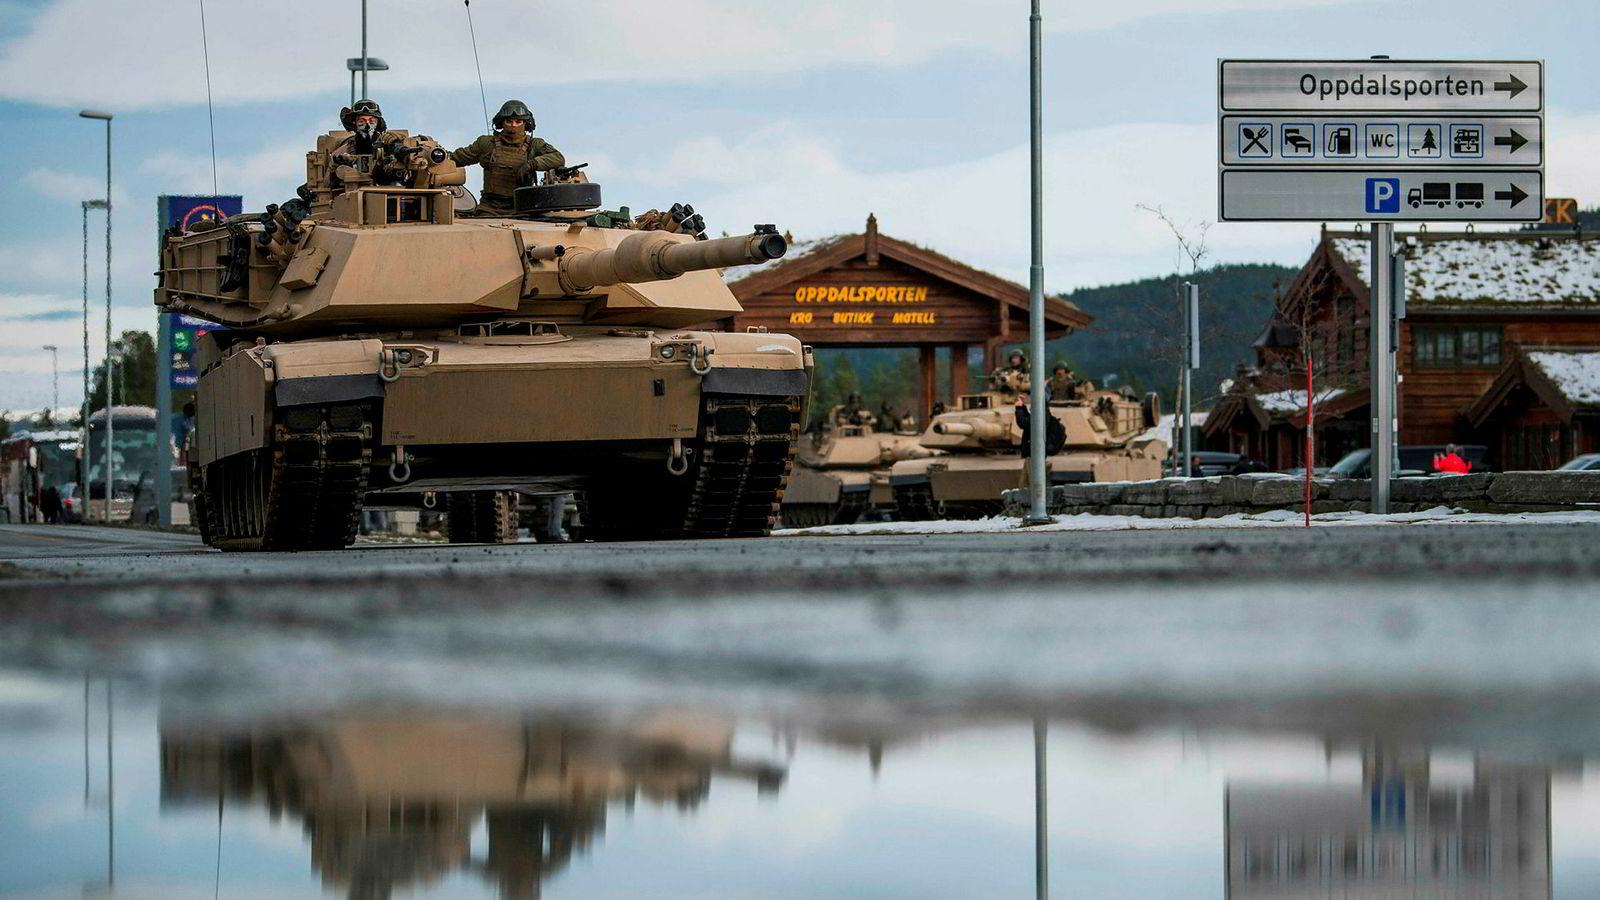 Norge er sikkerhetspolitisk prisgitt USA, mener artikkelforfatterne. I fjor var US Marines på plass under øvelsen Trident Juncture. Mandag arrangeres konferansen «Hvordan skal vi forsvare Norge?» i Oslo.